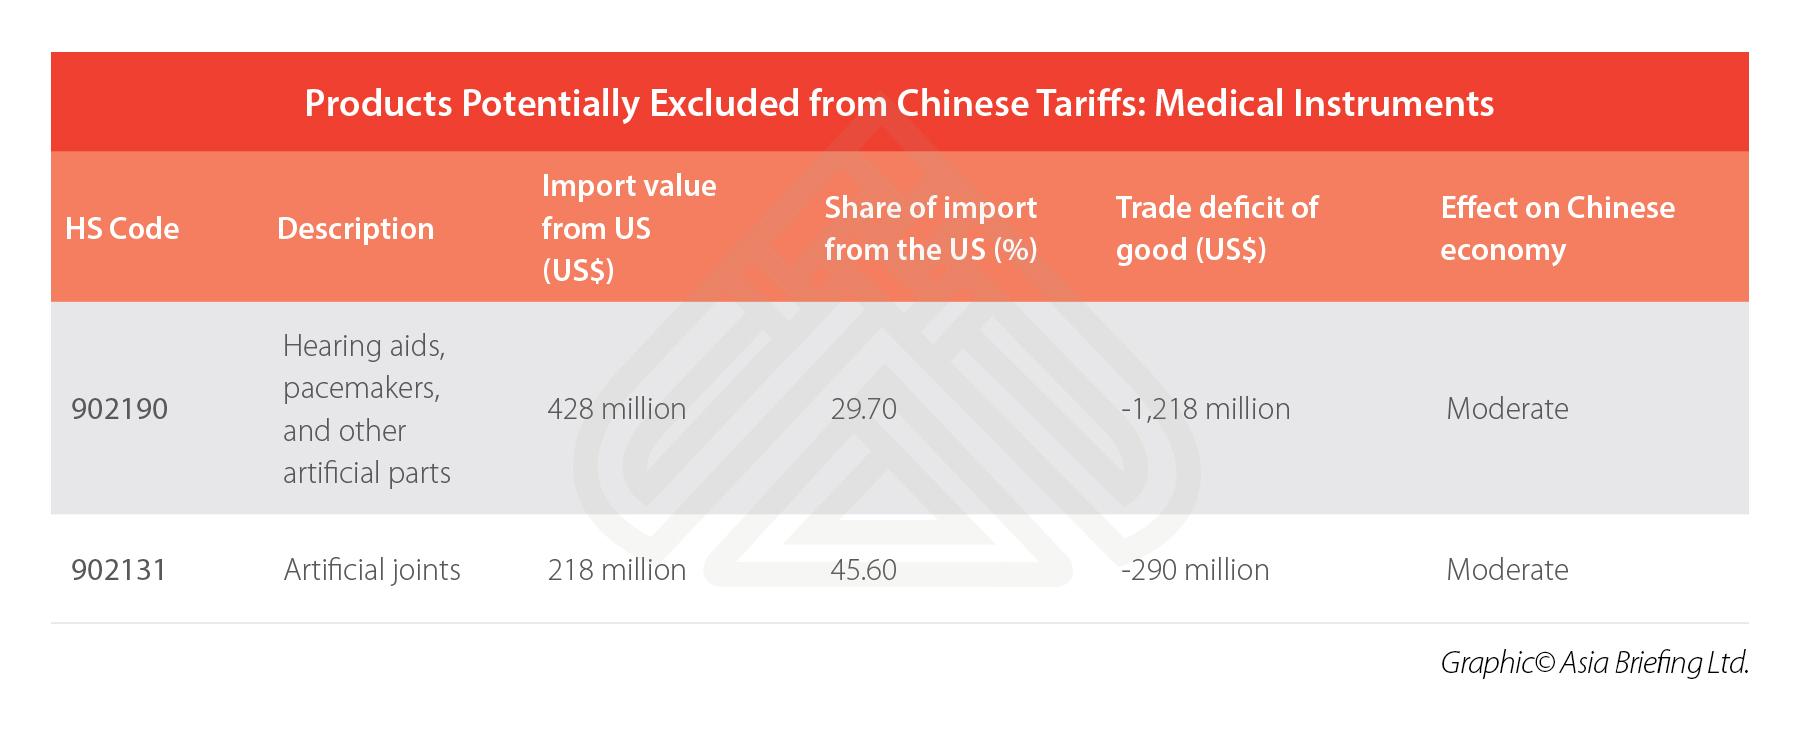 china-medical-instruments-US-imports-tariffs